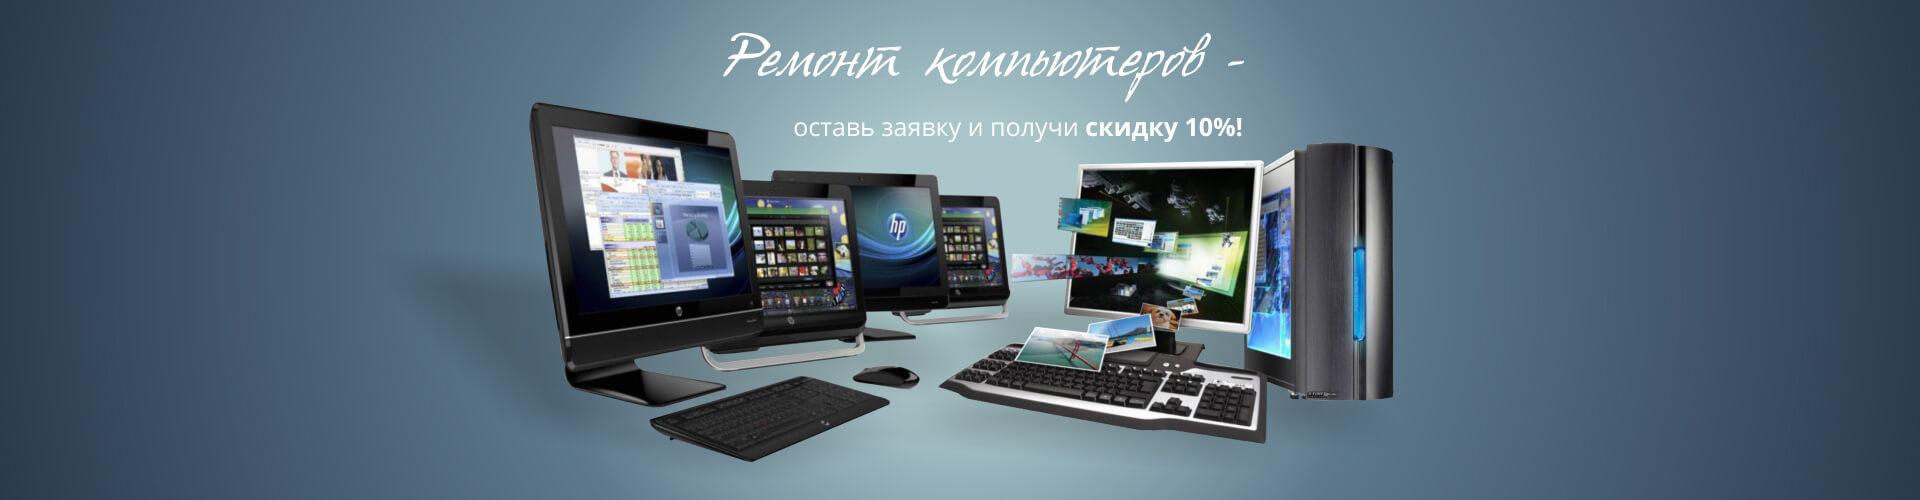 Техподдержка  - ремонт компьютеров и ноутбуков в Киеве